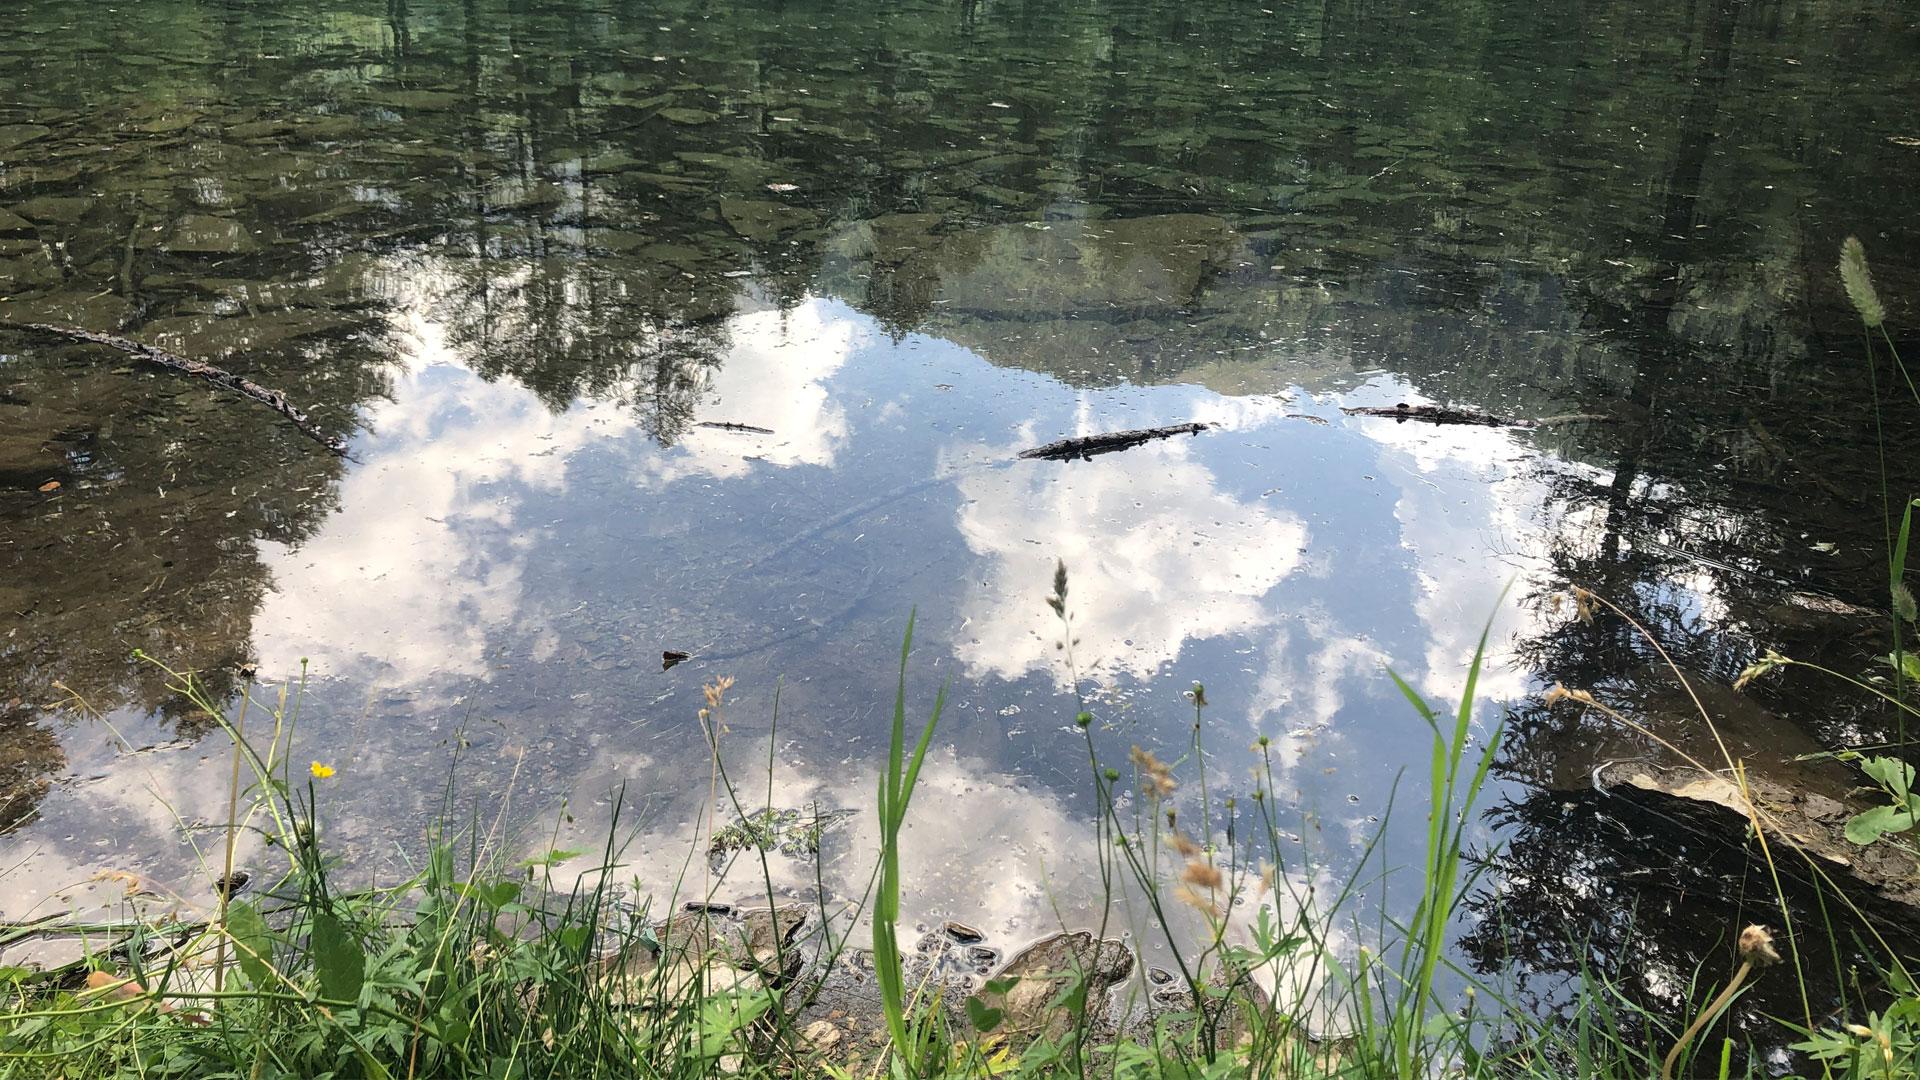 lago di montagna con un riflesso